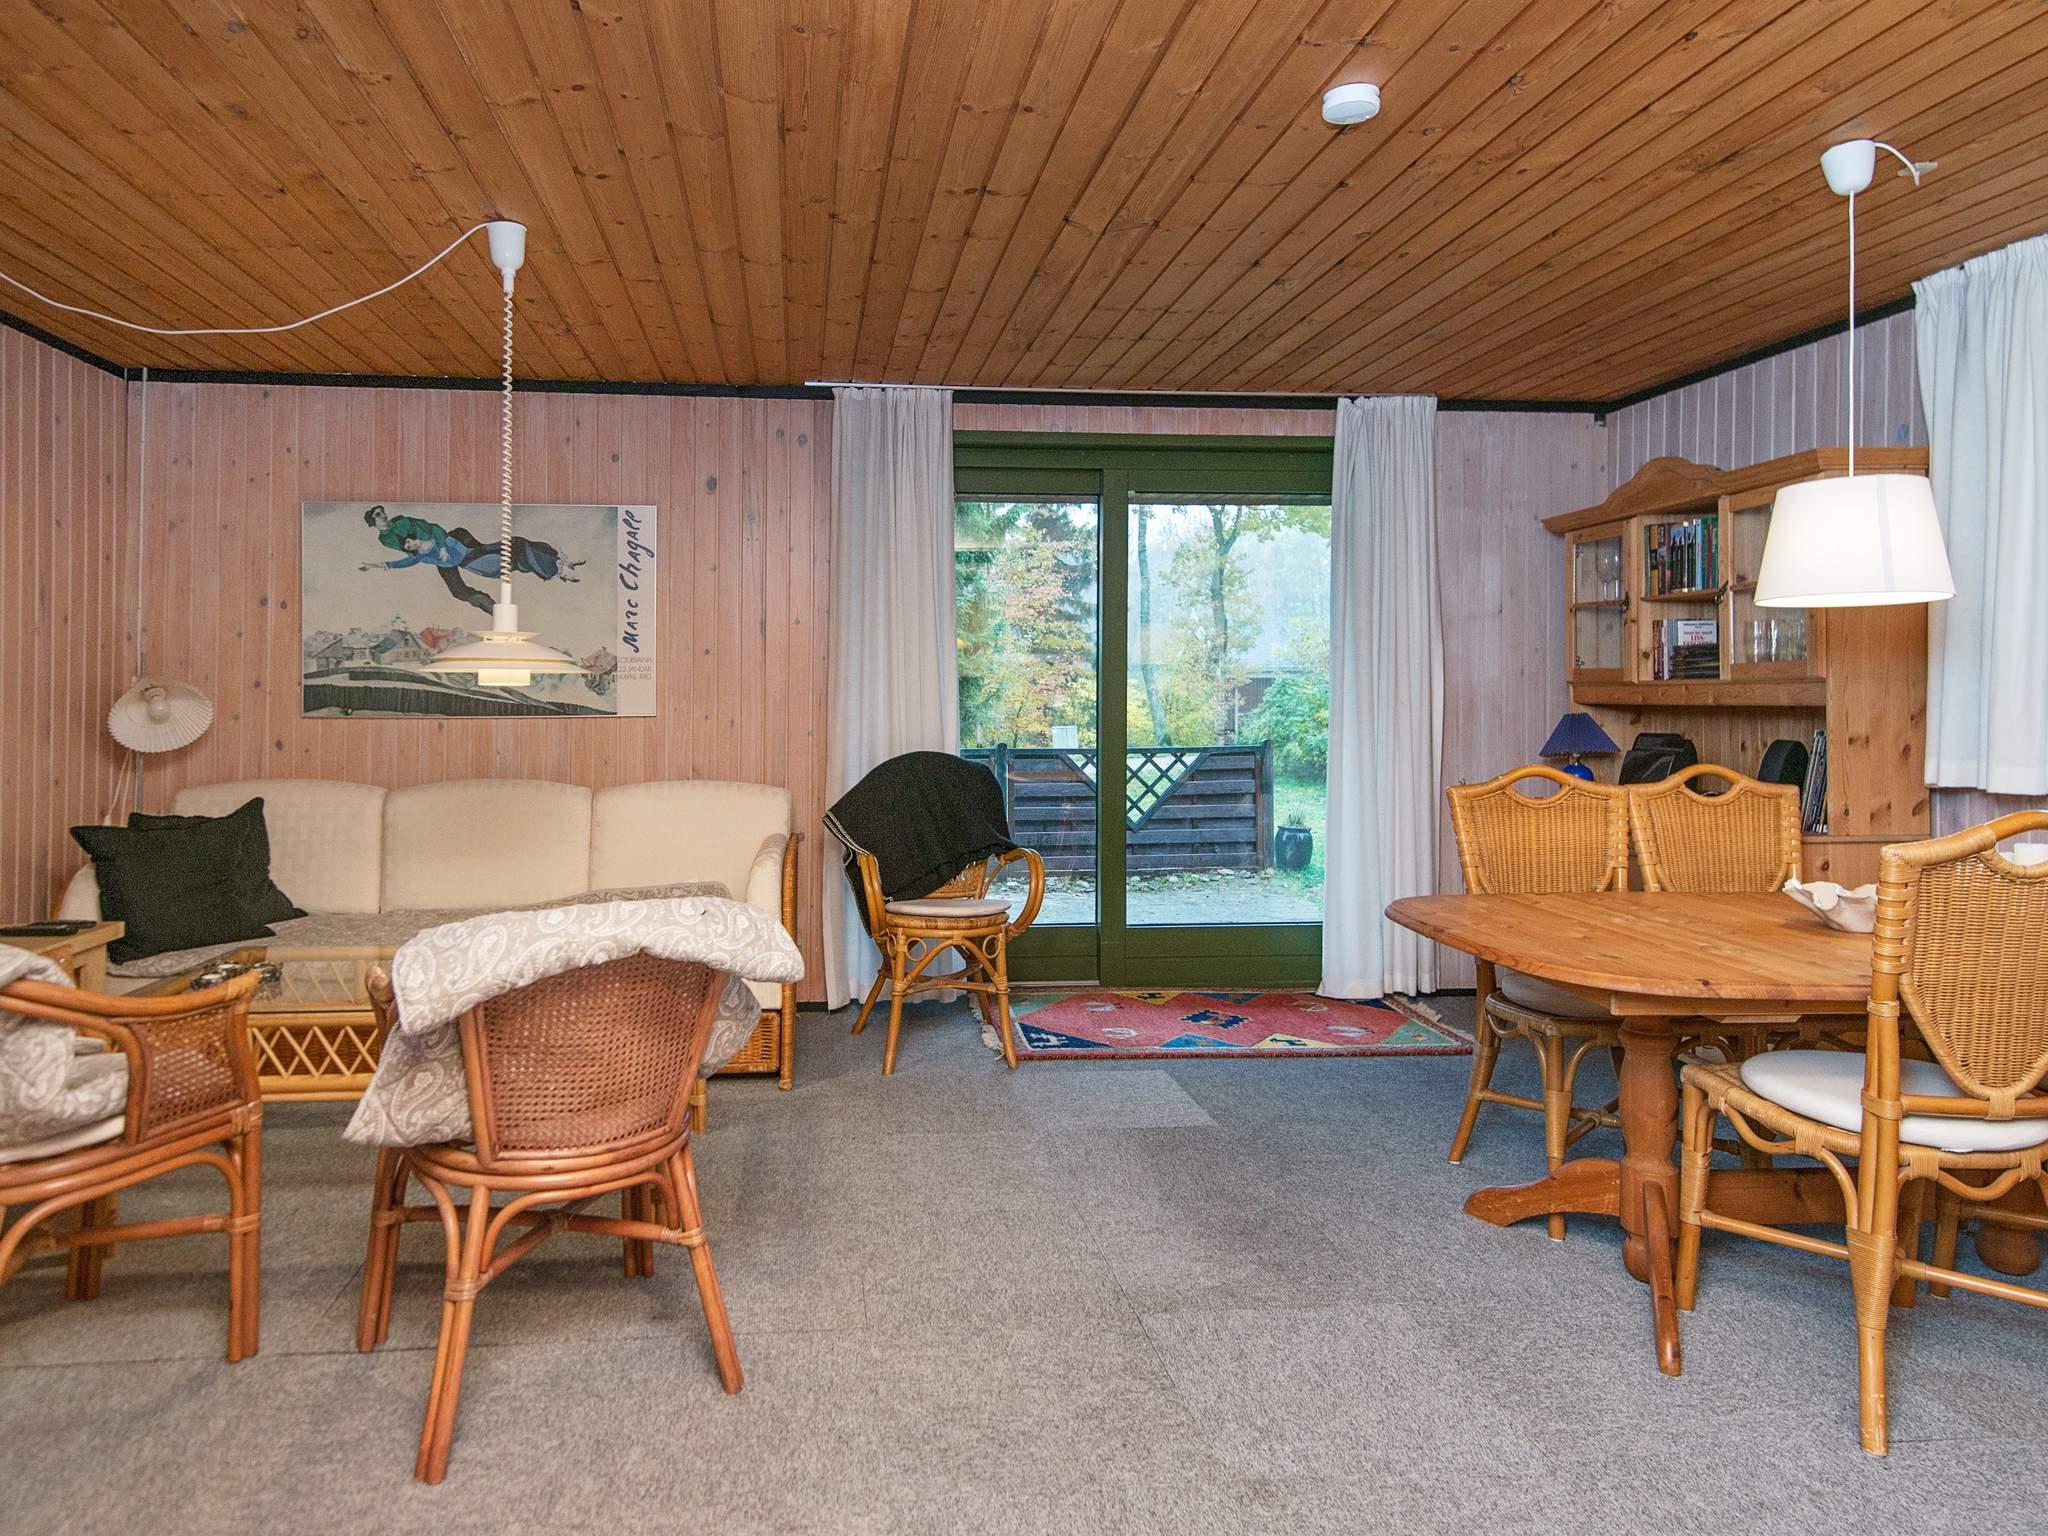 Ferienhaus Silkeborg (1999583), Silkeborg, , Ostjütland, Dänemark, Bild 5